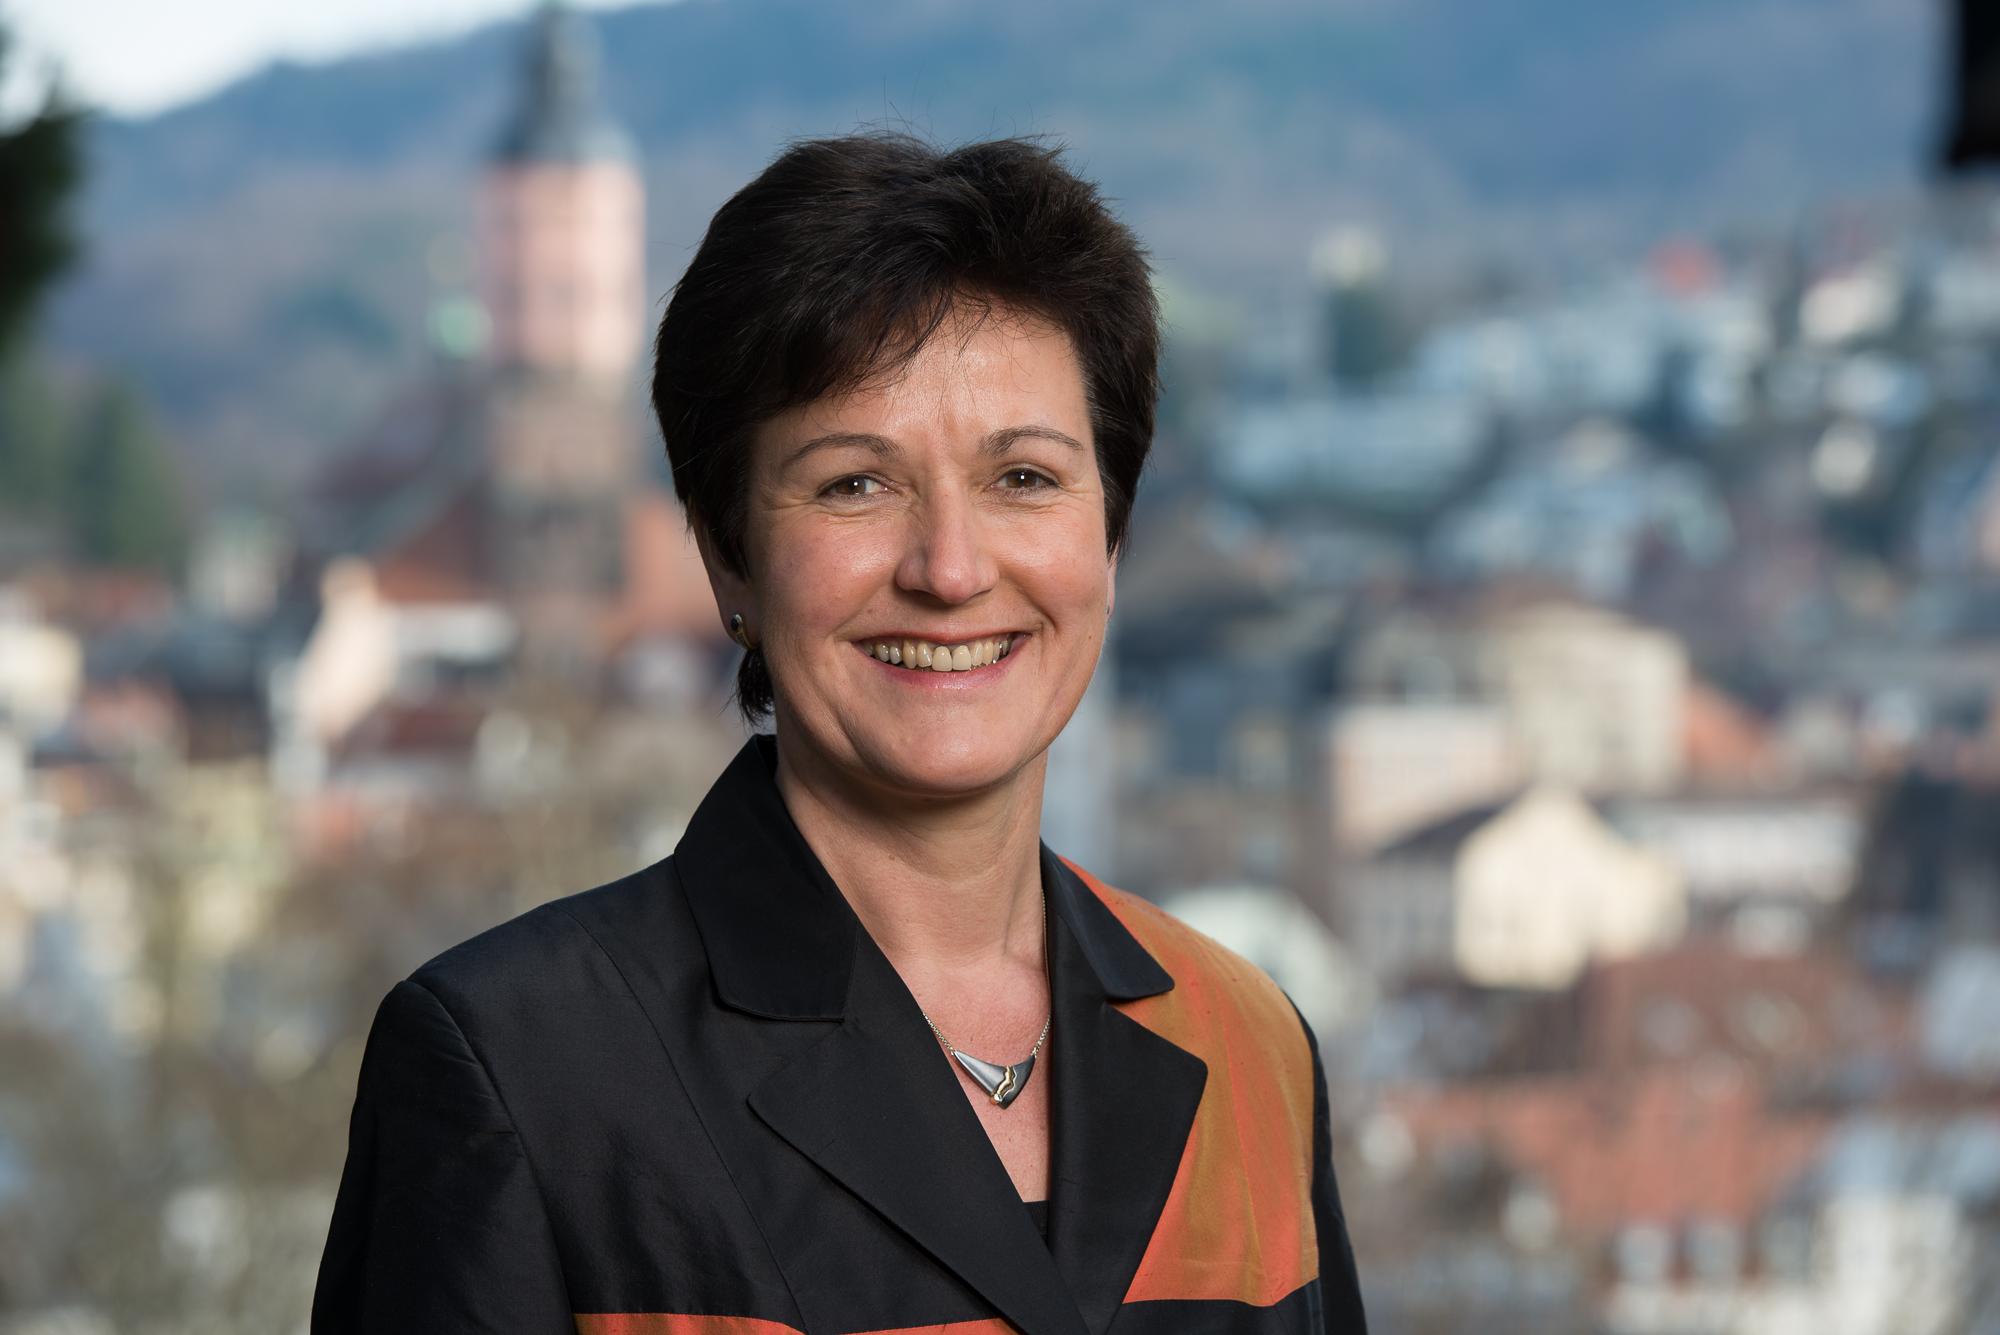 Margret Mergen